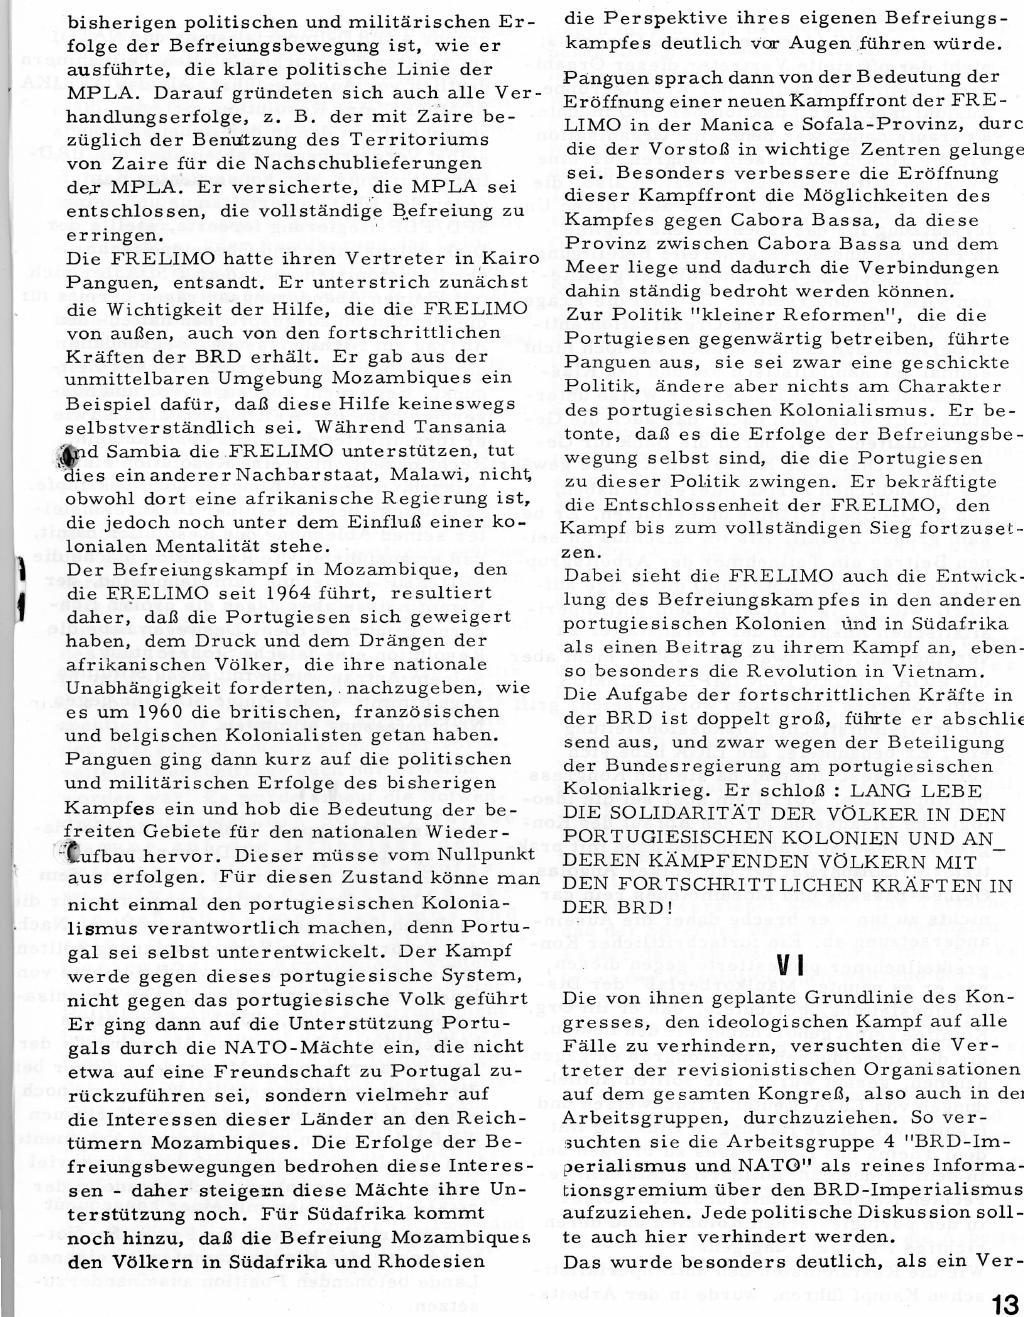 RPK_1973_003_004_13